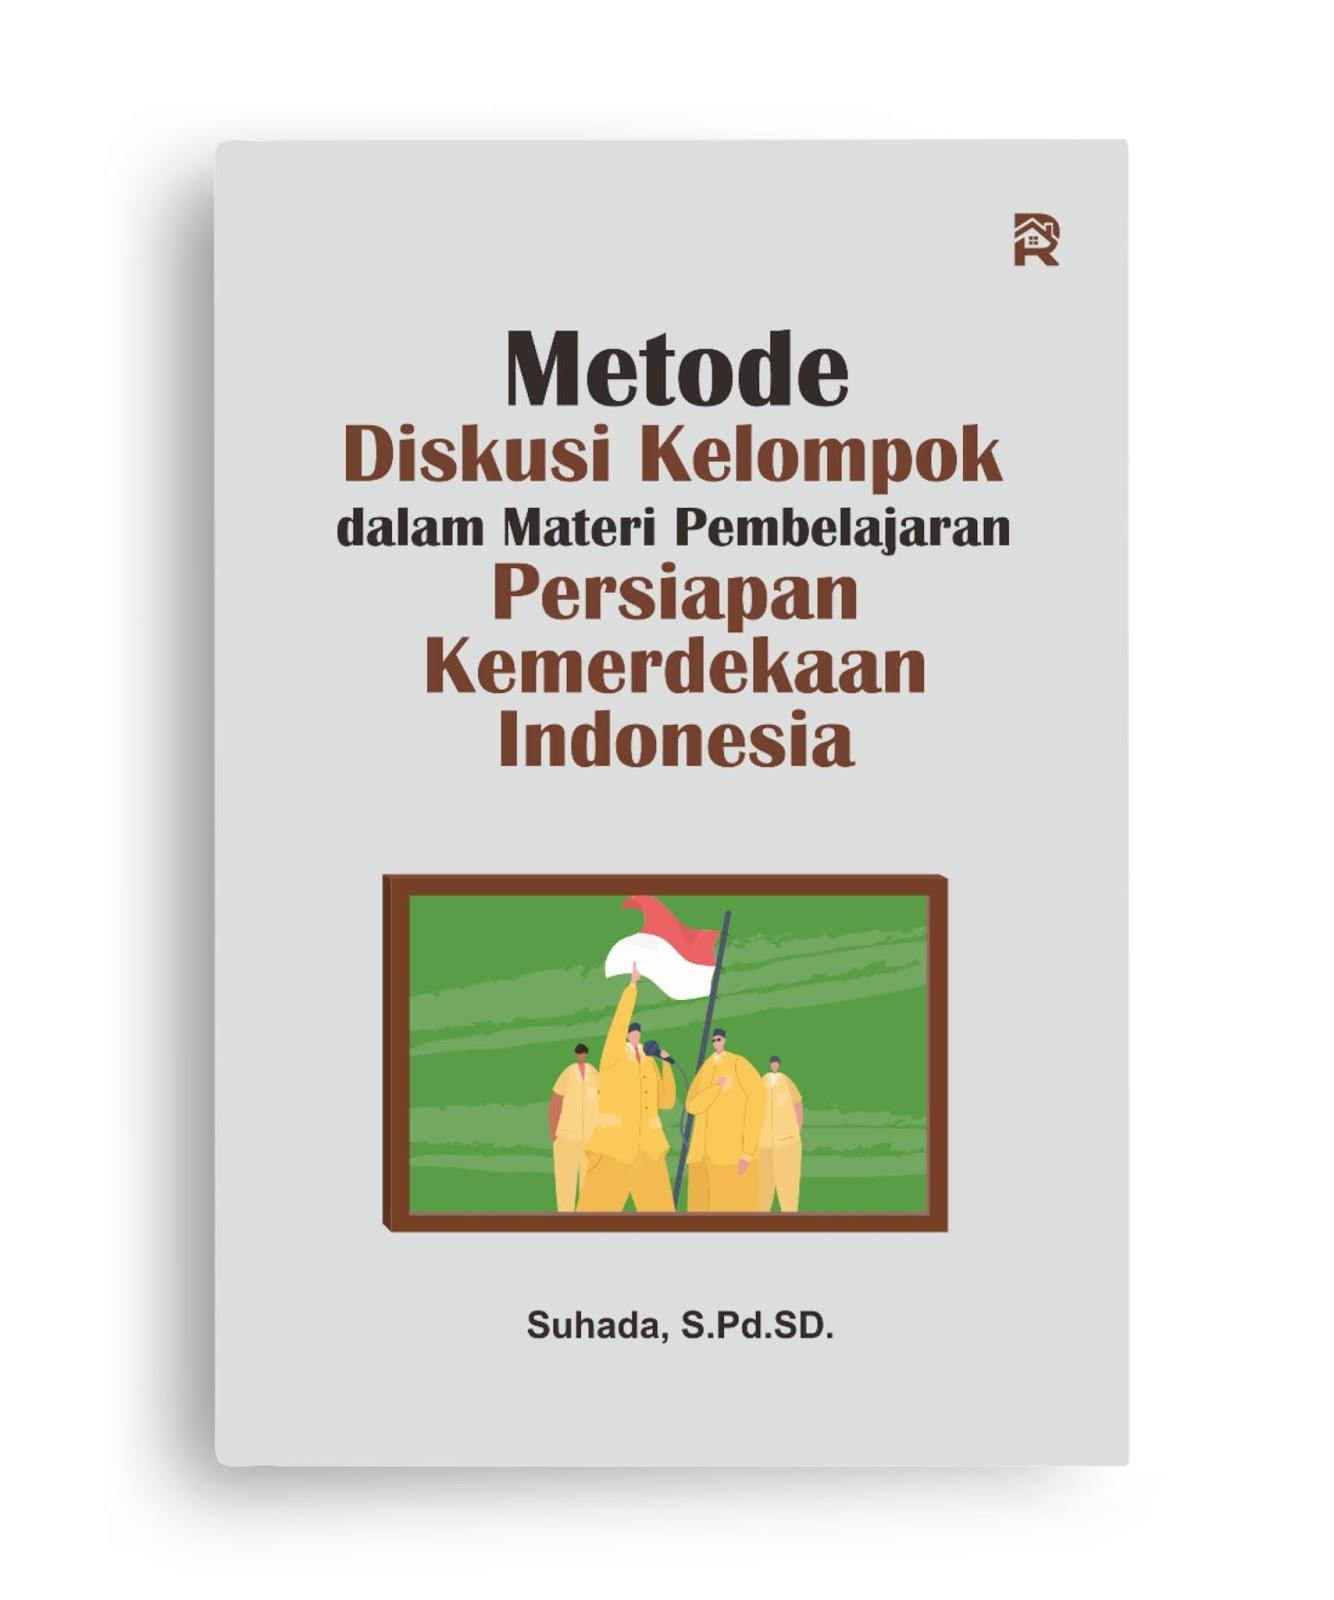 Metode Diskusi Kelompok dalam Materi Pembelajaran Persiapan Kemerdekaan Indonesia